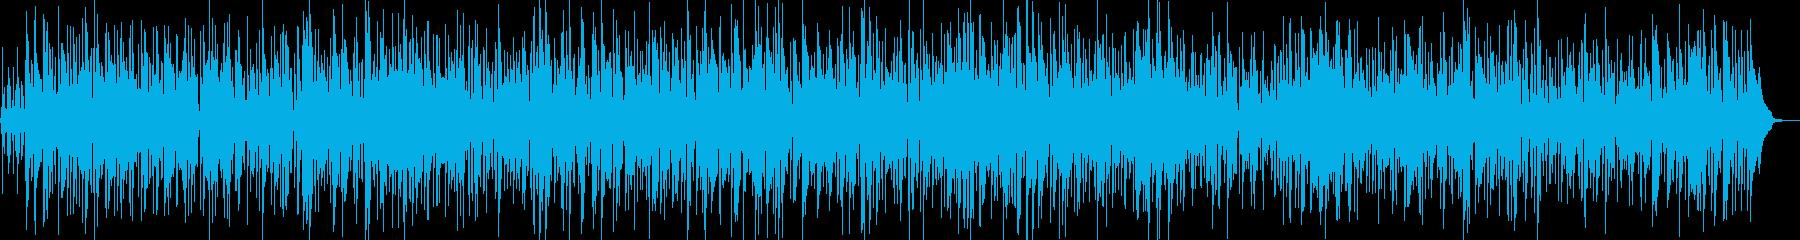 エネルギッシュなファンクボサノバの再生済みの波形